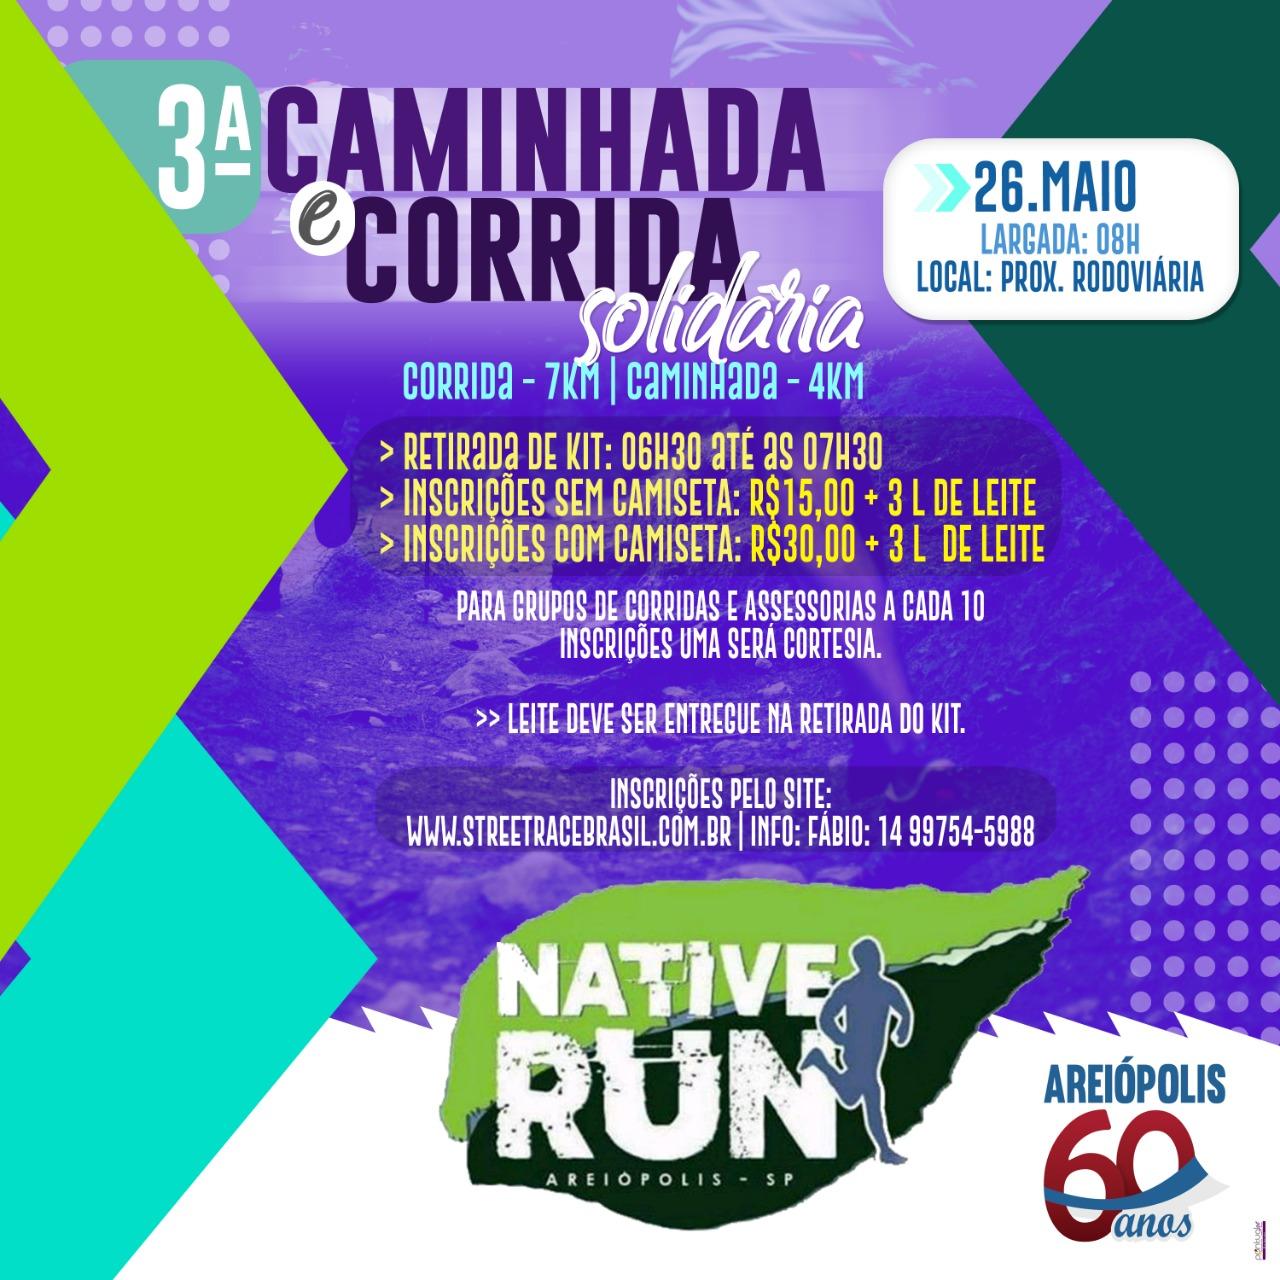 3ª CAMINHADA E CORRIDA SOLIDARIA